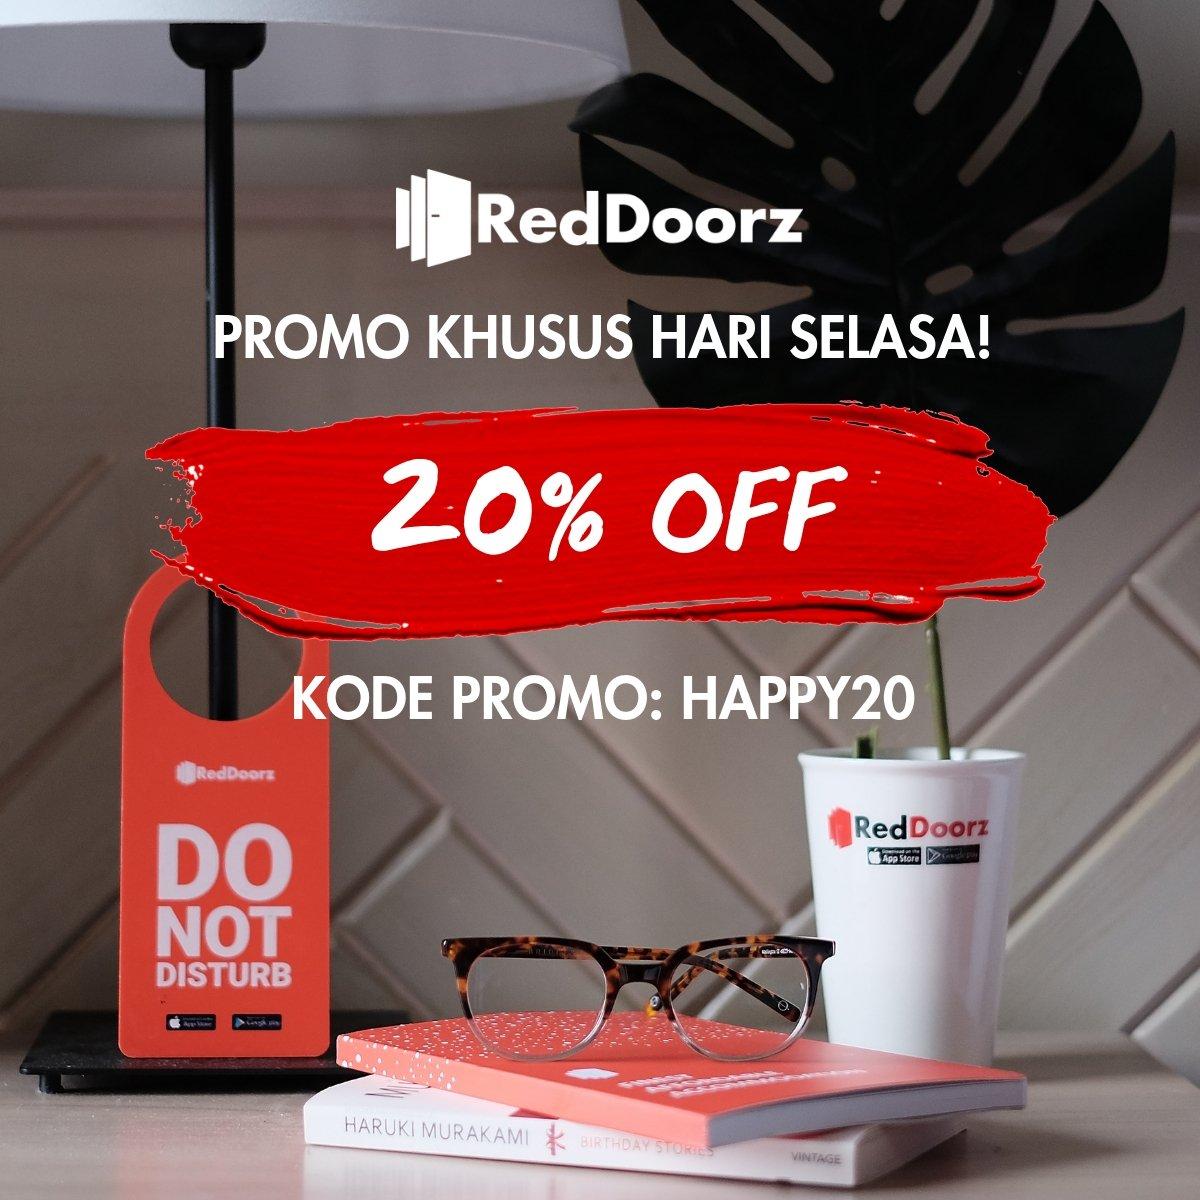 Reddoorz Indonesia On Twitter Bukareddoorz Hari Ini Untuk Penginapan Di Antara Tanggal 11 20 Desember Dan Dapatkan Diskon 20 Dengan Kode Promo Happy20 Tunggu Apalagi Kuy Book Sekarang Di Reddoorz App Dan